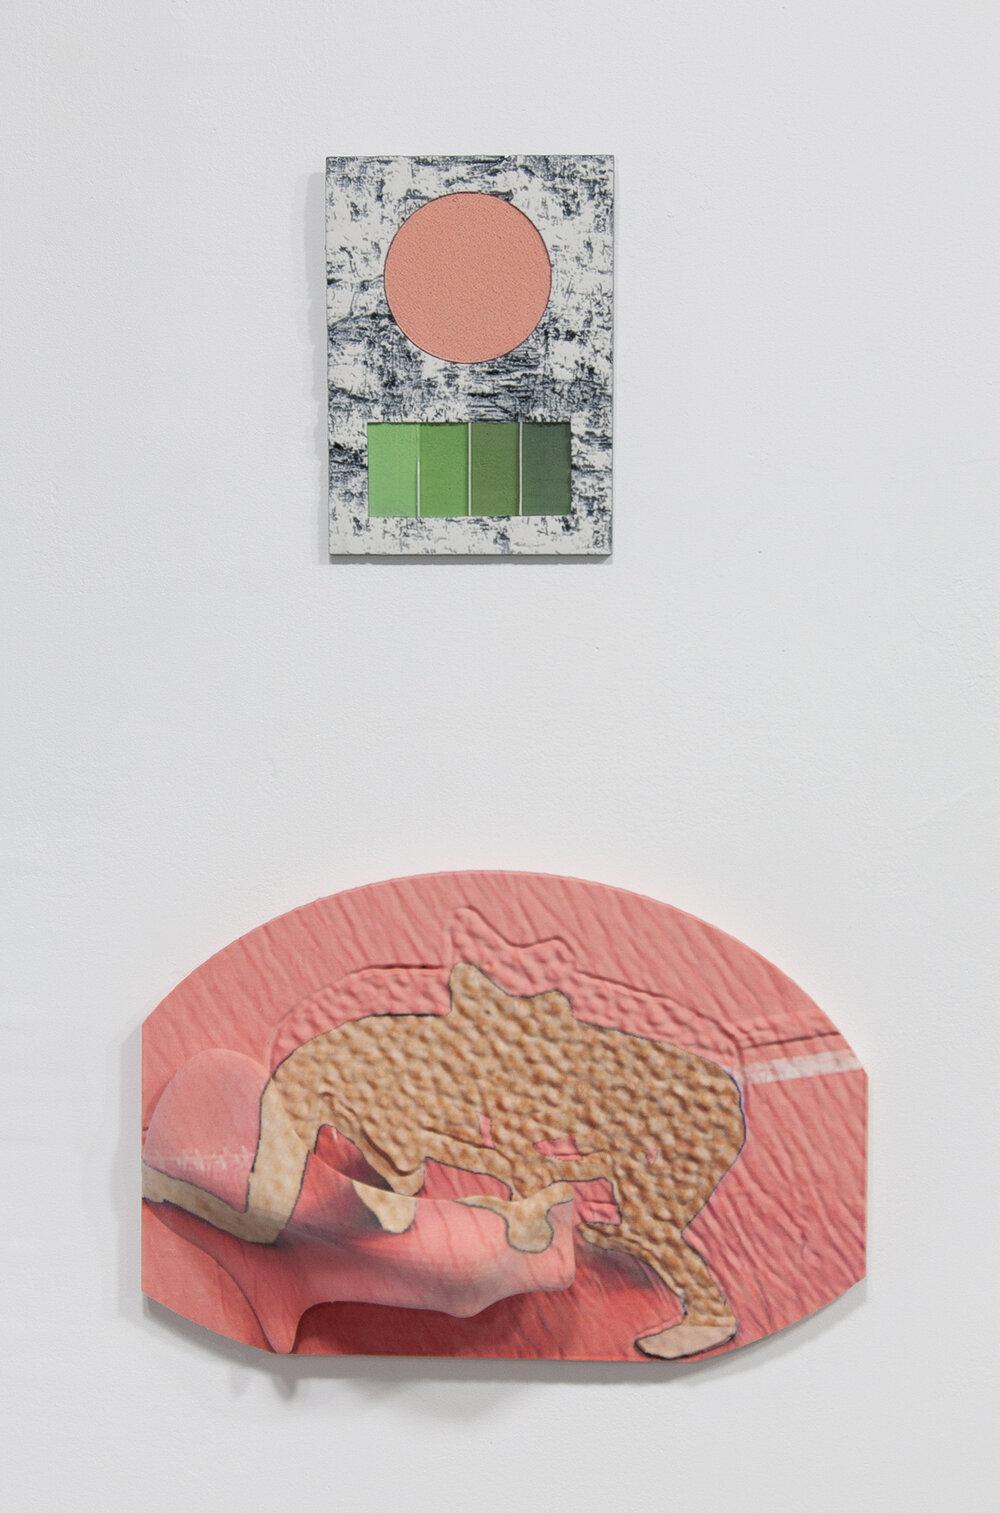 Taylor Absher, Landscape, Hold